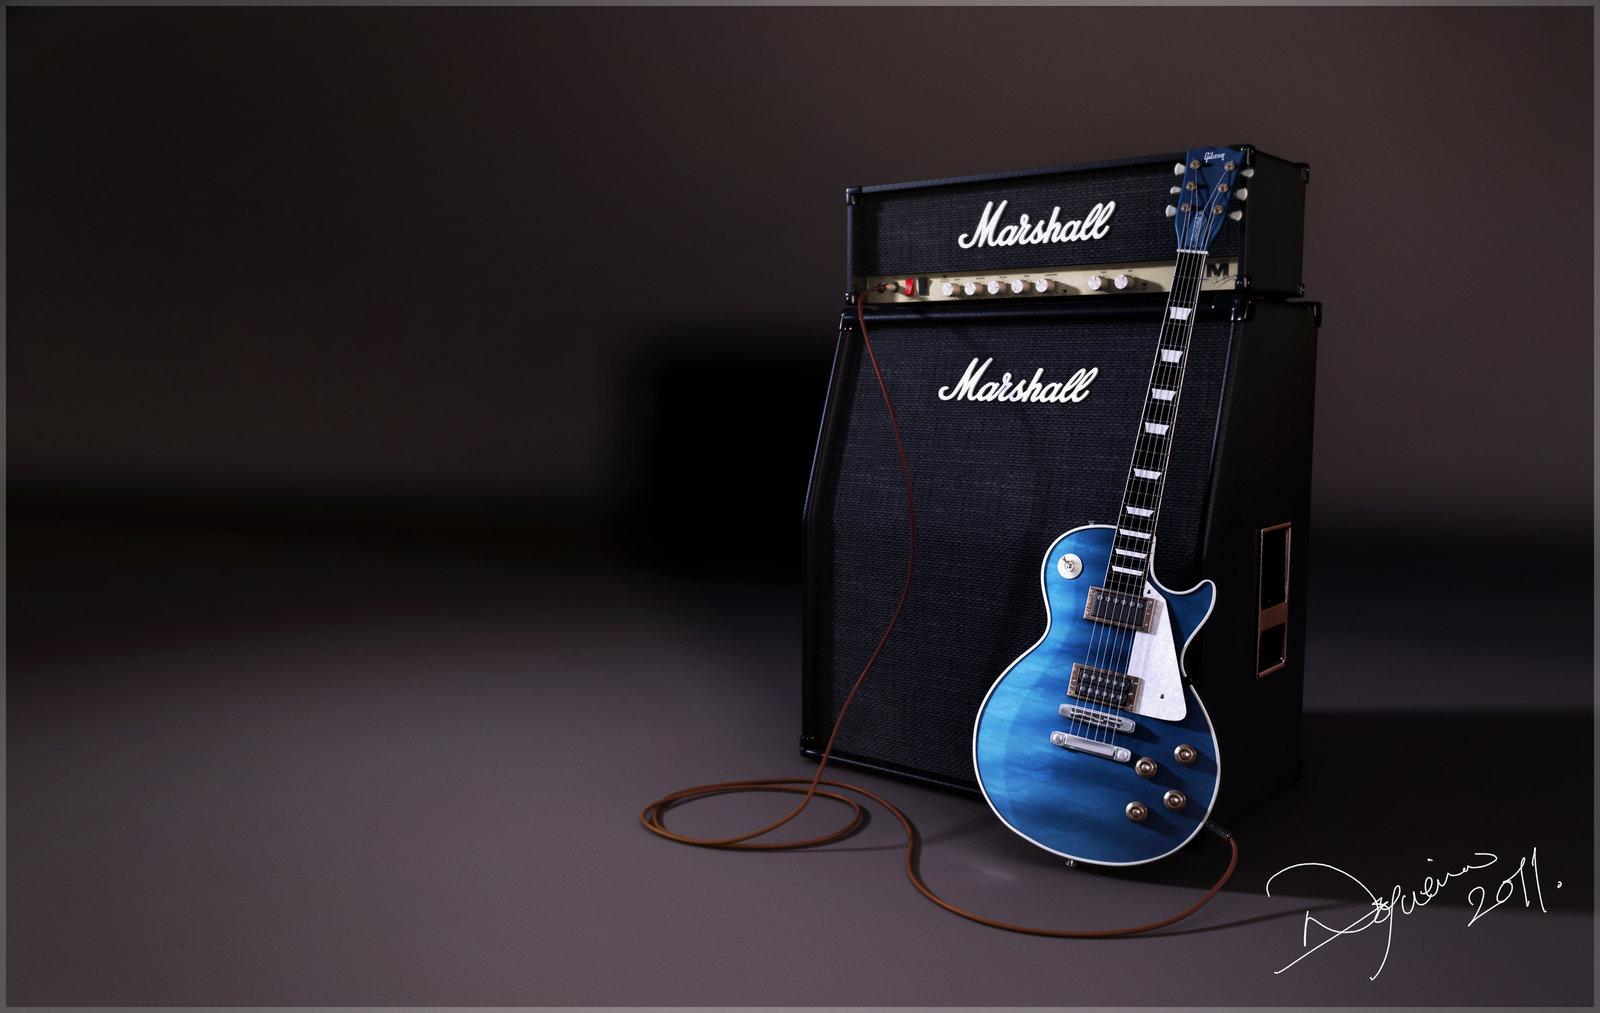 76 Hd Guitar Wallpaper On Wallpapersafari